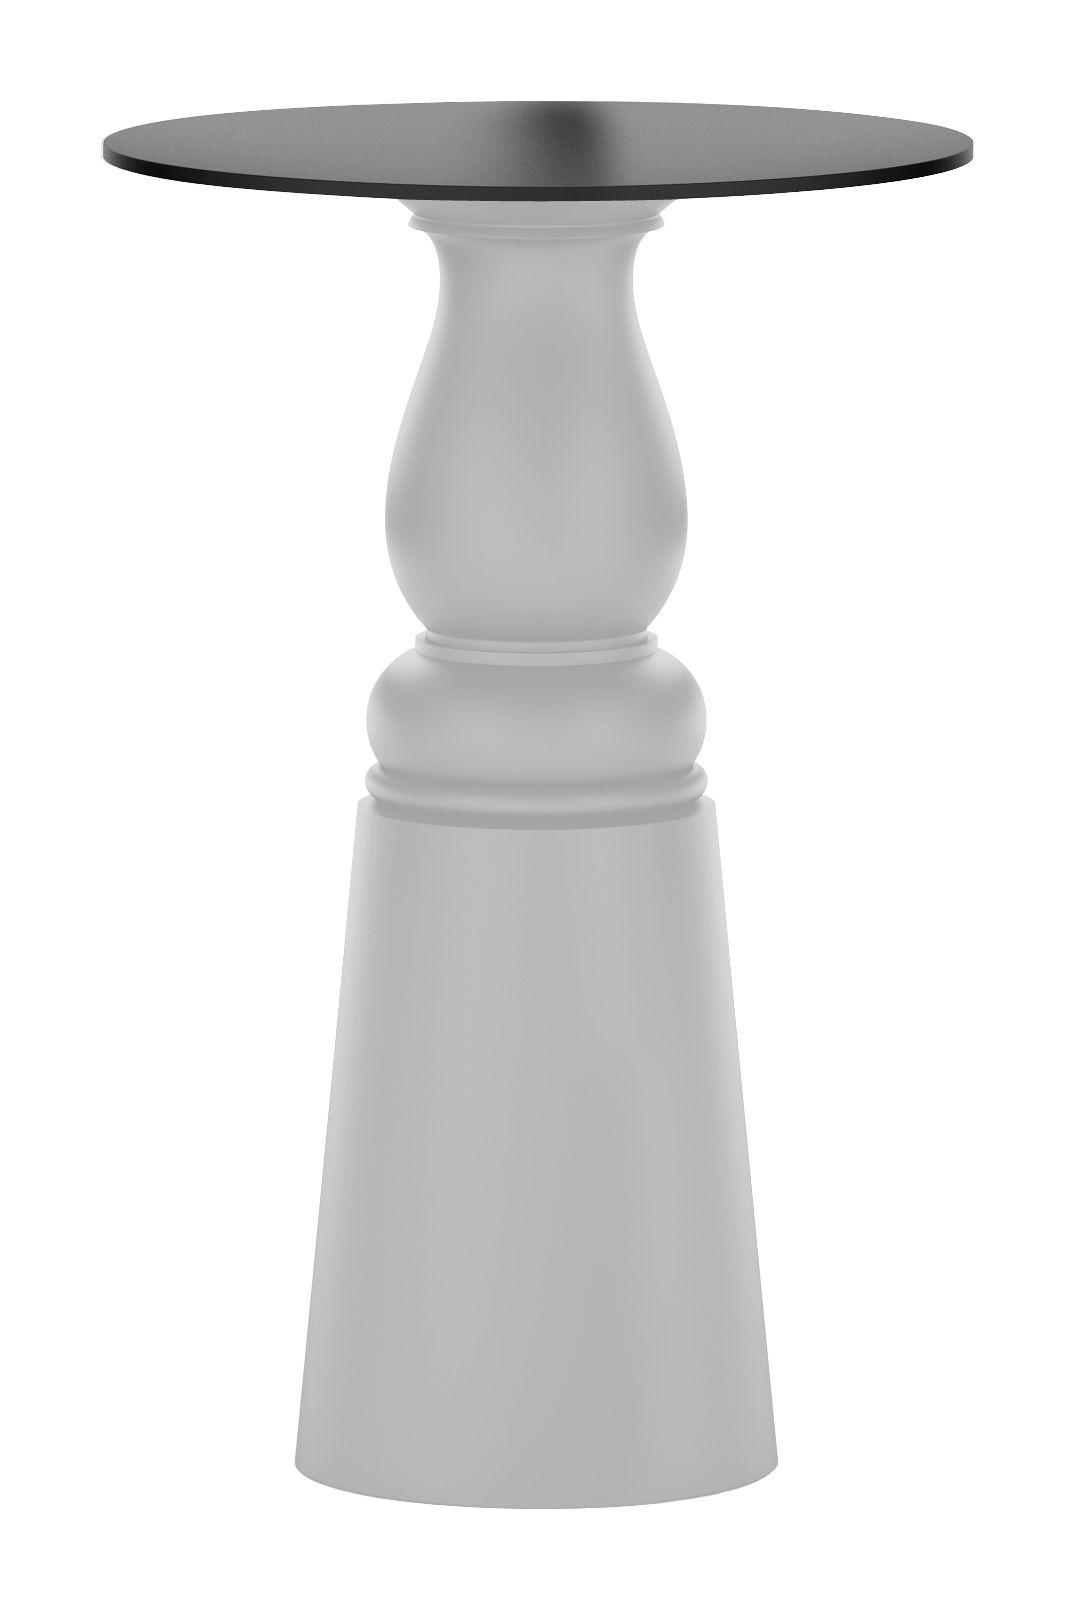 Outdoor - Mange-debout et bars - Accessoire table / Pied pour table Container New Antique Ø 38 x H 106 cm - Pour plateau Ø 70 cm - Moooi - Pied gris - Ø 38 x H 106 cm - Acier inoxydable, Polyéthylène